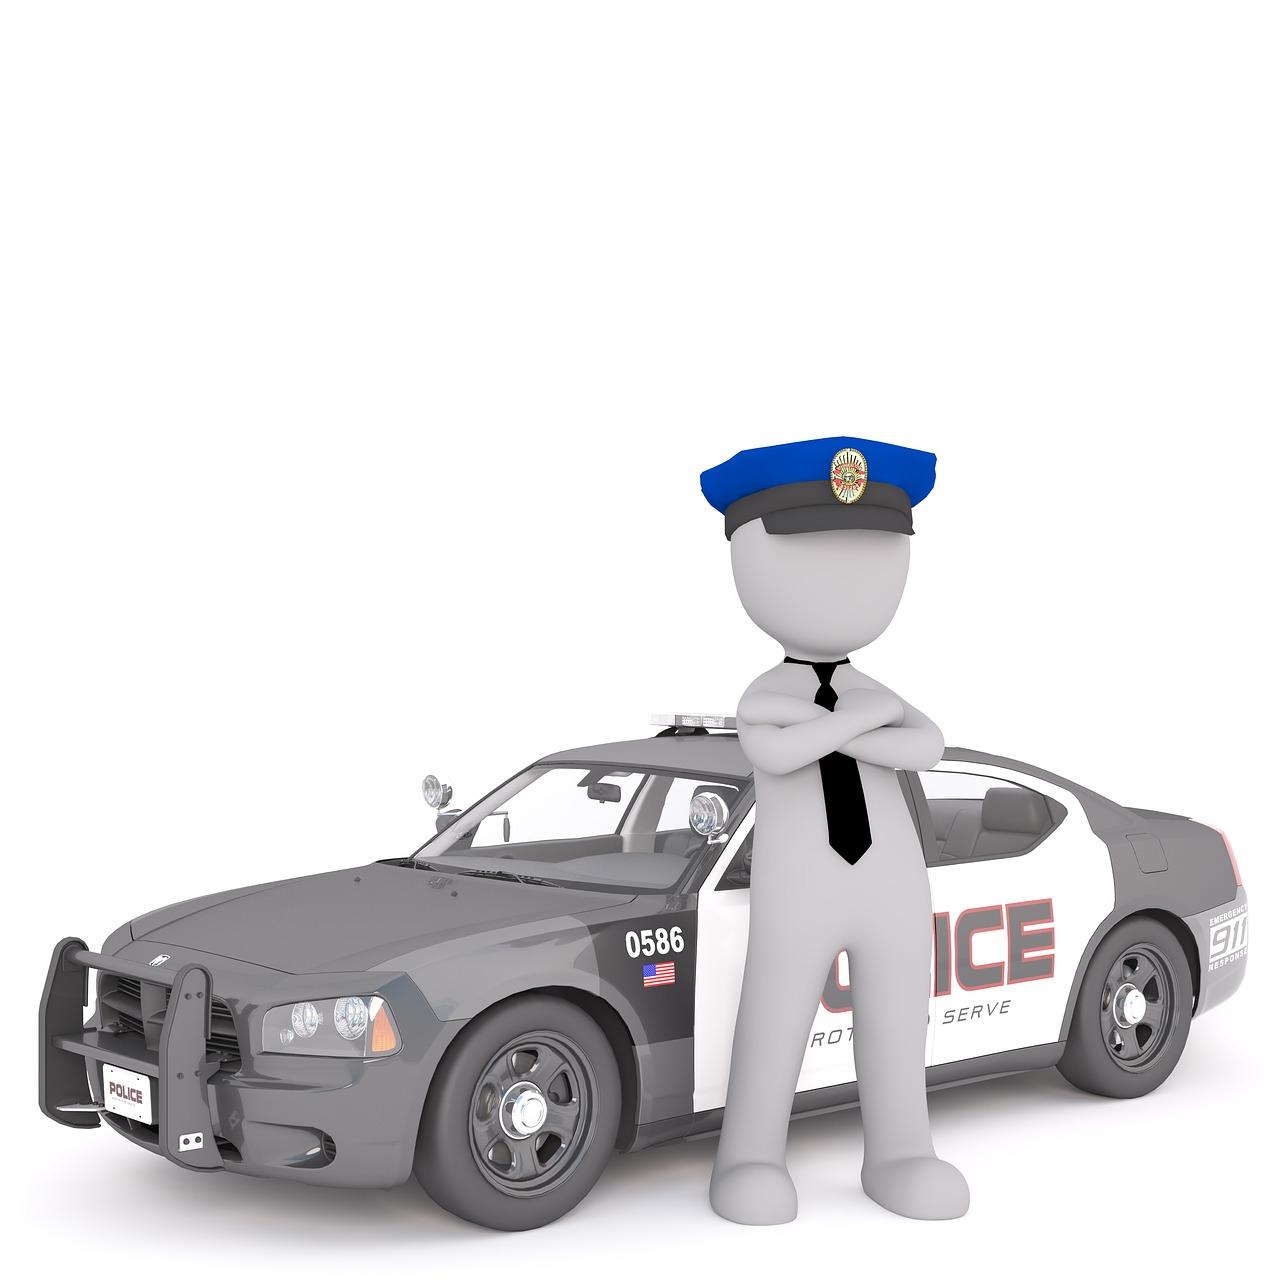 警察官との結婚を後悔するときは○○なとき!?